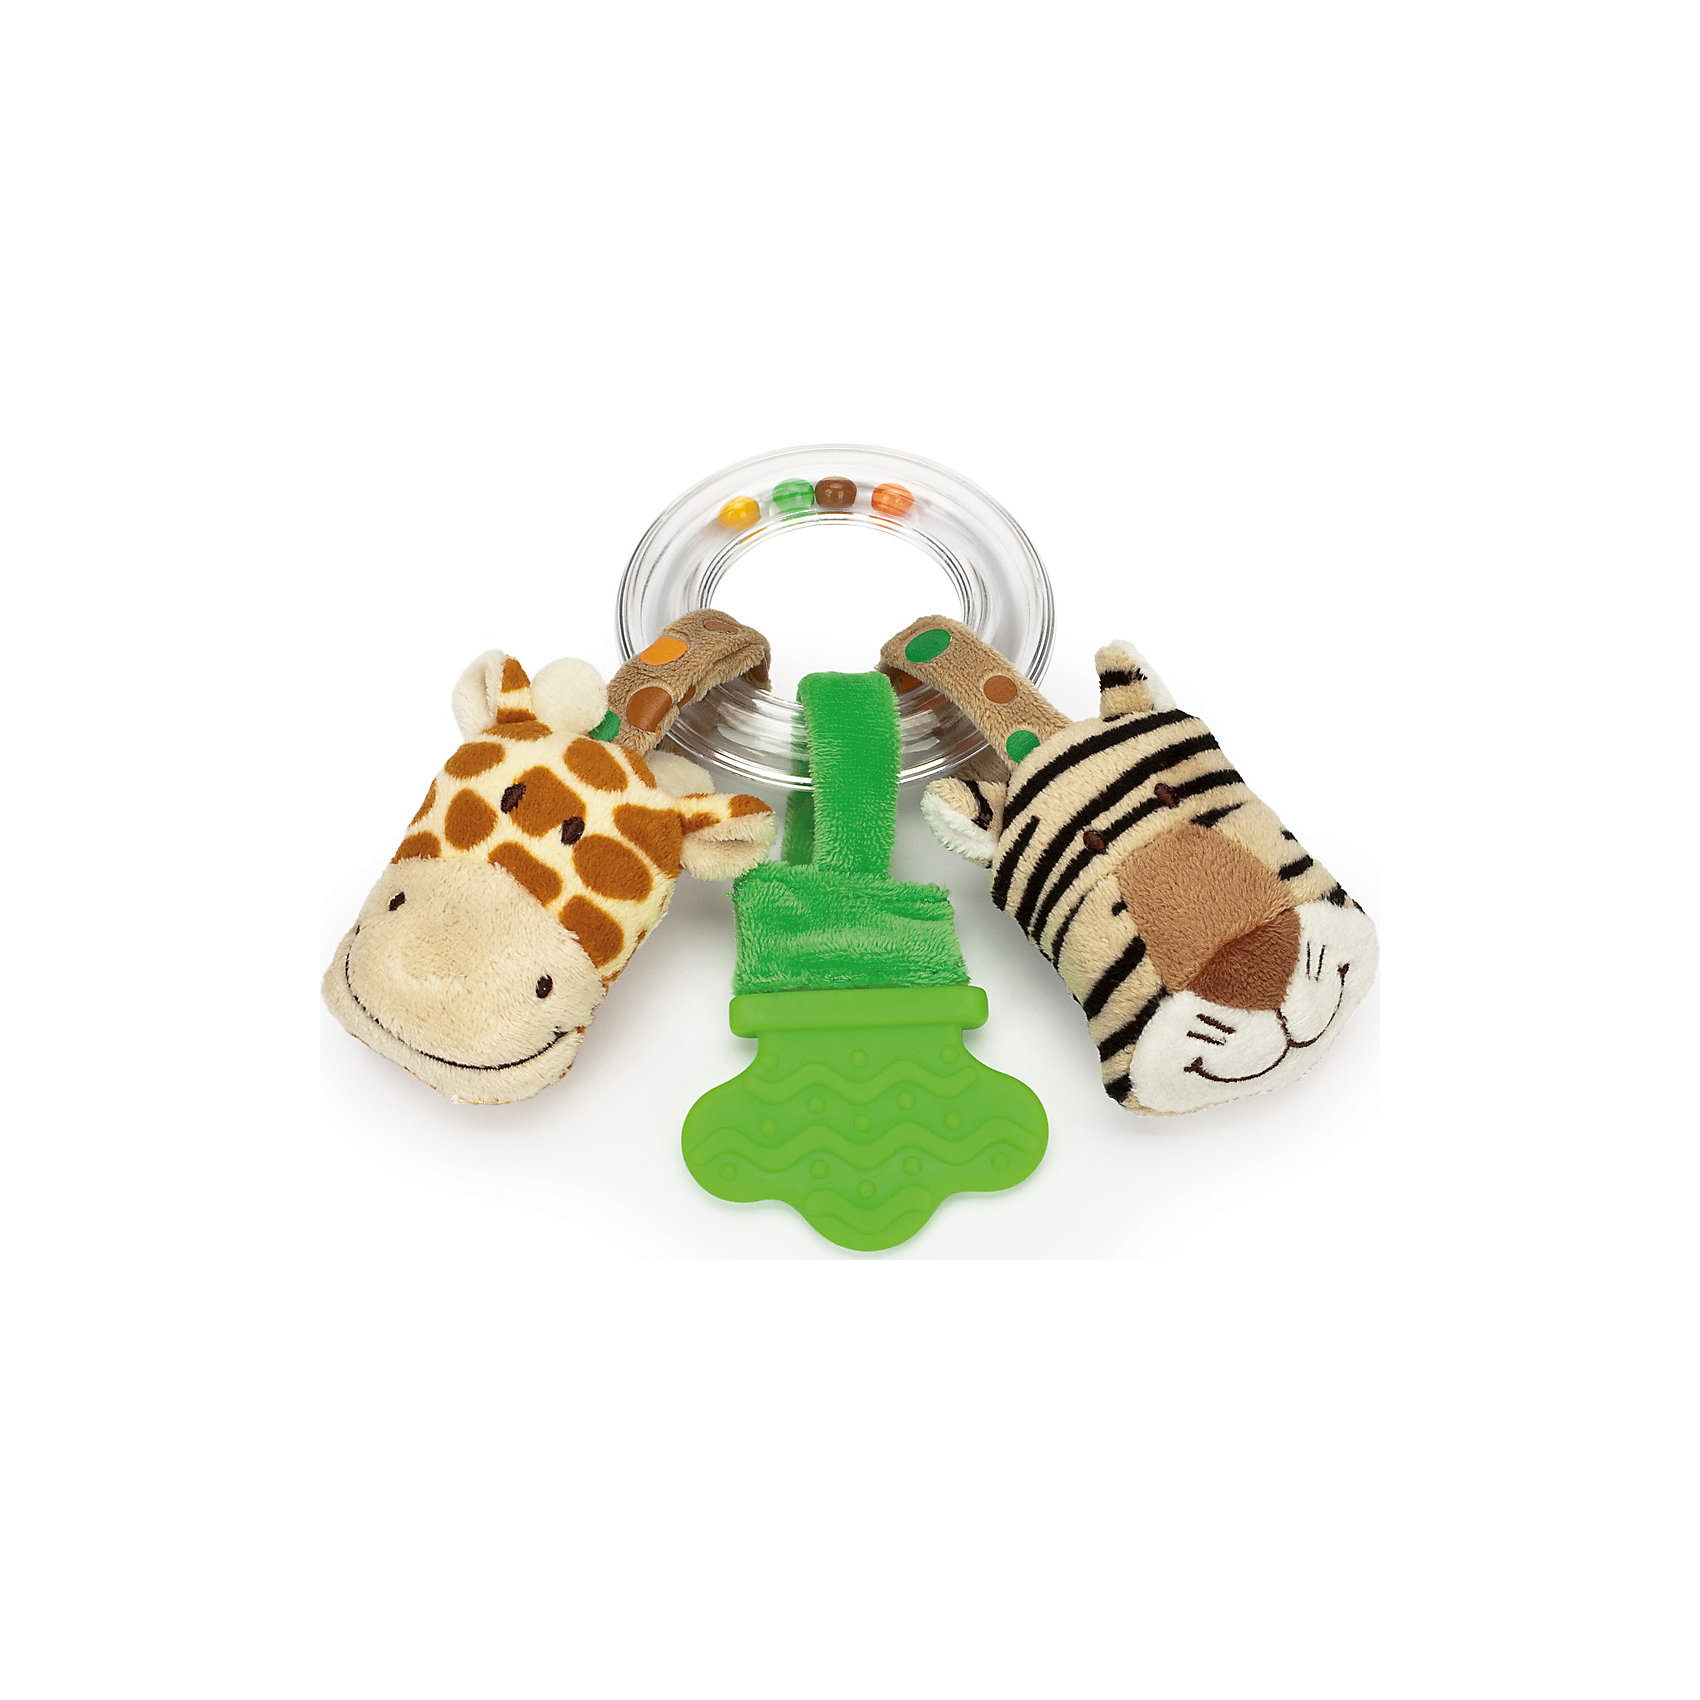 Погремушка-прорезыватель Жираф и Тигр, Динглисар, TeddykompanietПрорезыватели<br>Погремушка-прорезыватель Жираф и Тигр, Динглисар, Teddykompaniet (Тэдди и компания) <br>Очаровательная погремушка-прорезыватель Жираф и тигр от шведской компании Teddykompaniet поможет малышу развить зрительное и слуховое восприятие, тактильные ощущения и координацию движений, а также пережить трудный период появления первых зубов. Пластиковое прозрачное кольцо, внутри которого перекатываются разноцветные шарики, выполняет функцию держателя. К кольцу крепятся на липучках две игрушки в виде головы тигренка и головы жирафа, а также рельефный прорезыватель. Внутри головы тигра находится шуршащий элемент, внутри головы жирафа спрятана пищалка. Благодаря липучкам, игрушки можно легко отстегнуть от кольца и играть отдельно. Товар полностью соответствует европейским и российским стандартам качества.<br><br>Дополнительная информация:<br><br>- Размер: 17 см.<br>- Материал: текстиль велюр, пластик<br><br>Погремушку-прорезыватель Жираф и Тигр, Динглисар, Teddykompaniet (Тэдди и компания) можно купить в нашем интернет-магазине.<br><br>Ширина мм: 100<br>Глубина мм: 100<br>Высота мм: 50<br>Вес г: 170<br>Возраст от месяцев: 6<br>Возраст до месяцев: 12<br>Пол: Унисекс<br>Возраст: Детский<br>SKU: 4902233